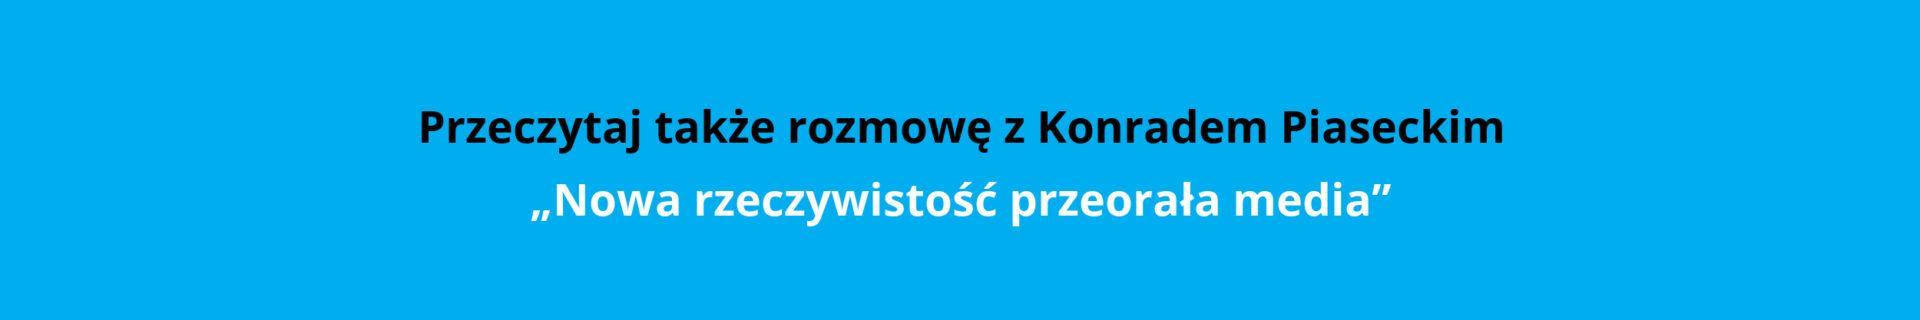 piasecki